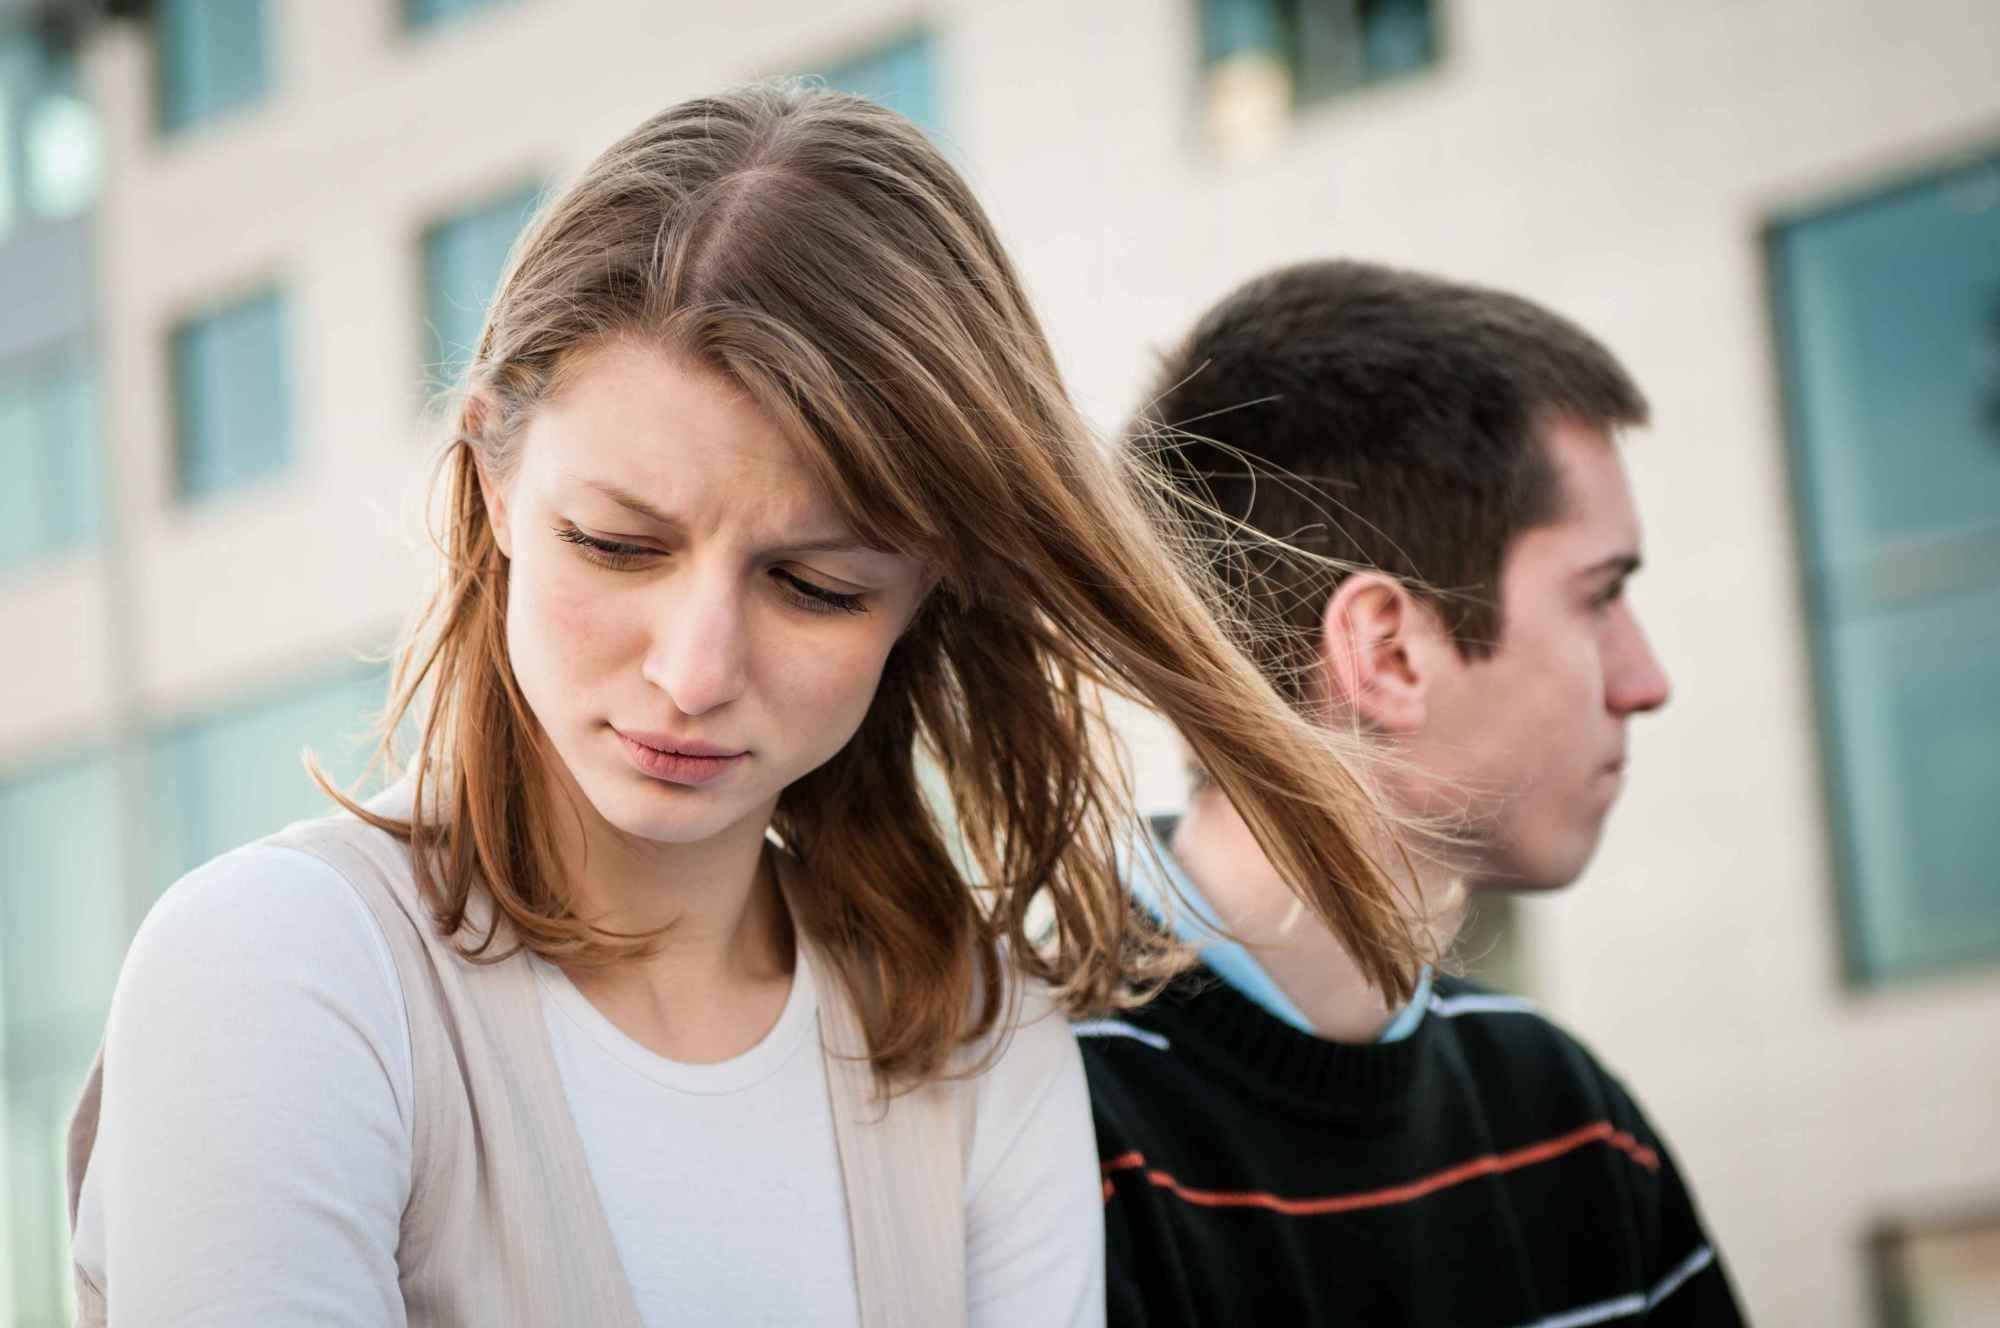 女人经常痛经,会导致不孕吗?医生:除非是这种